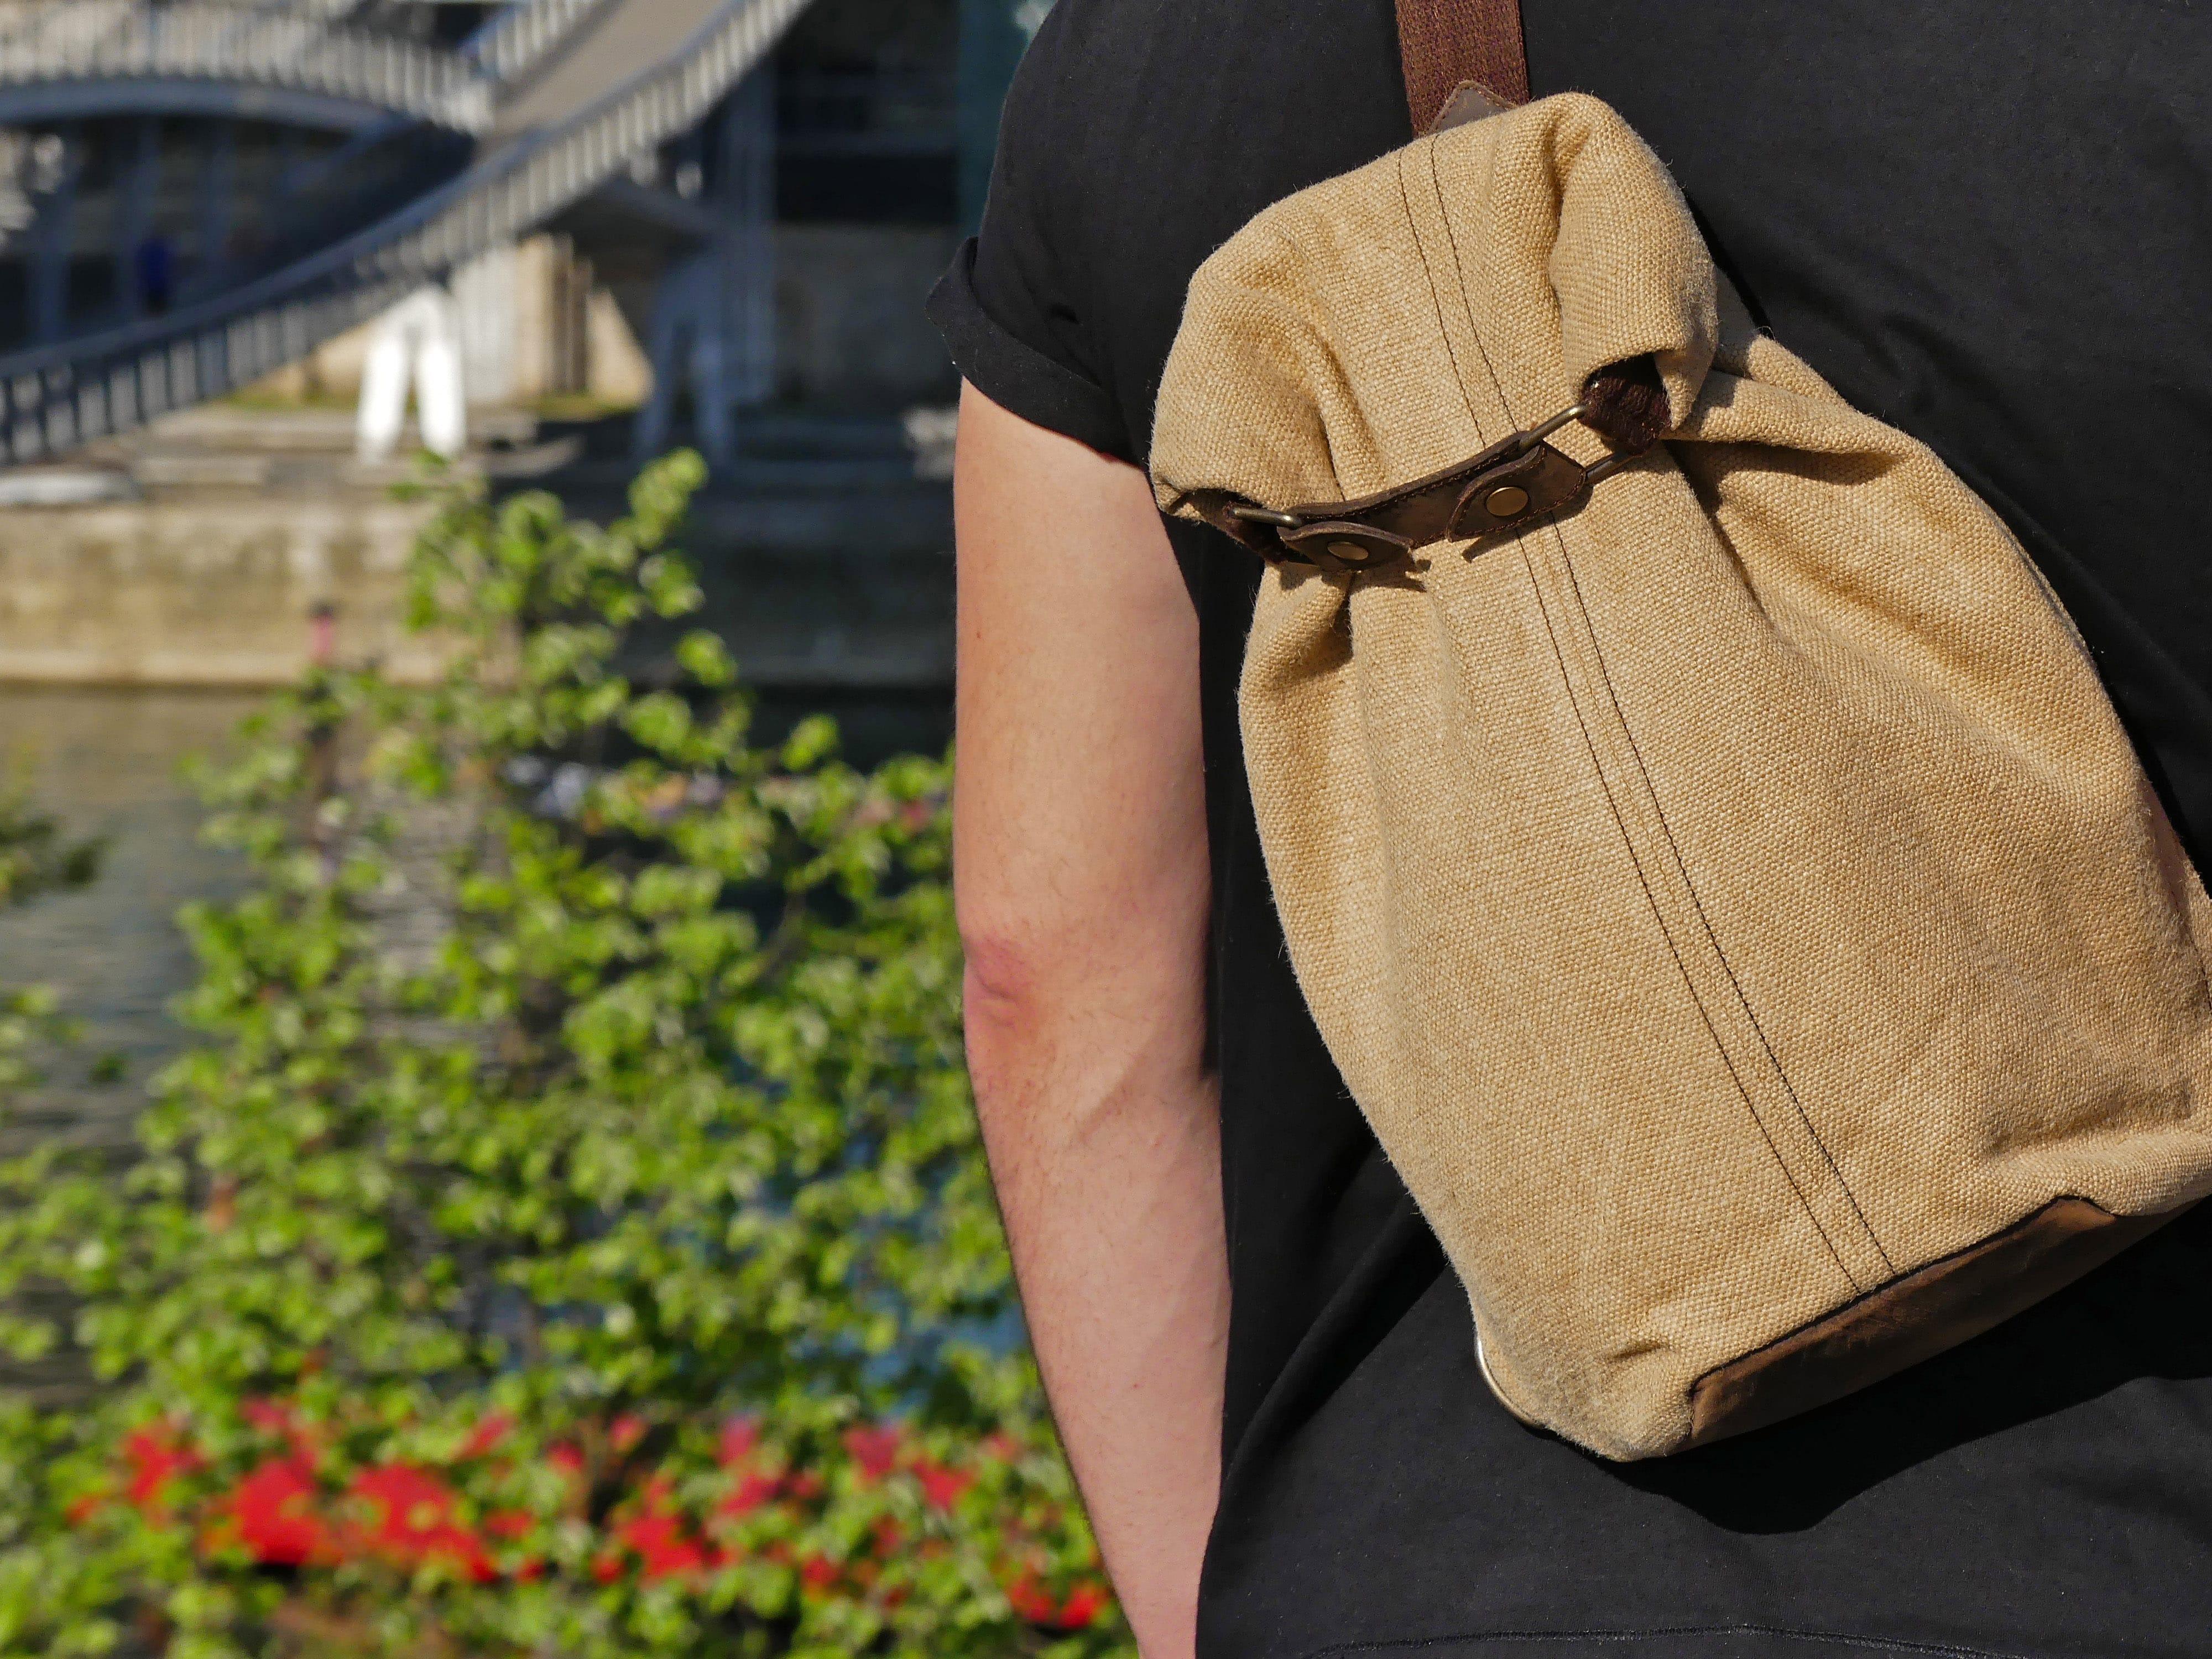 Petit sac à dos bandoulière, balish - le baluchon - Bhallot num 0